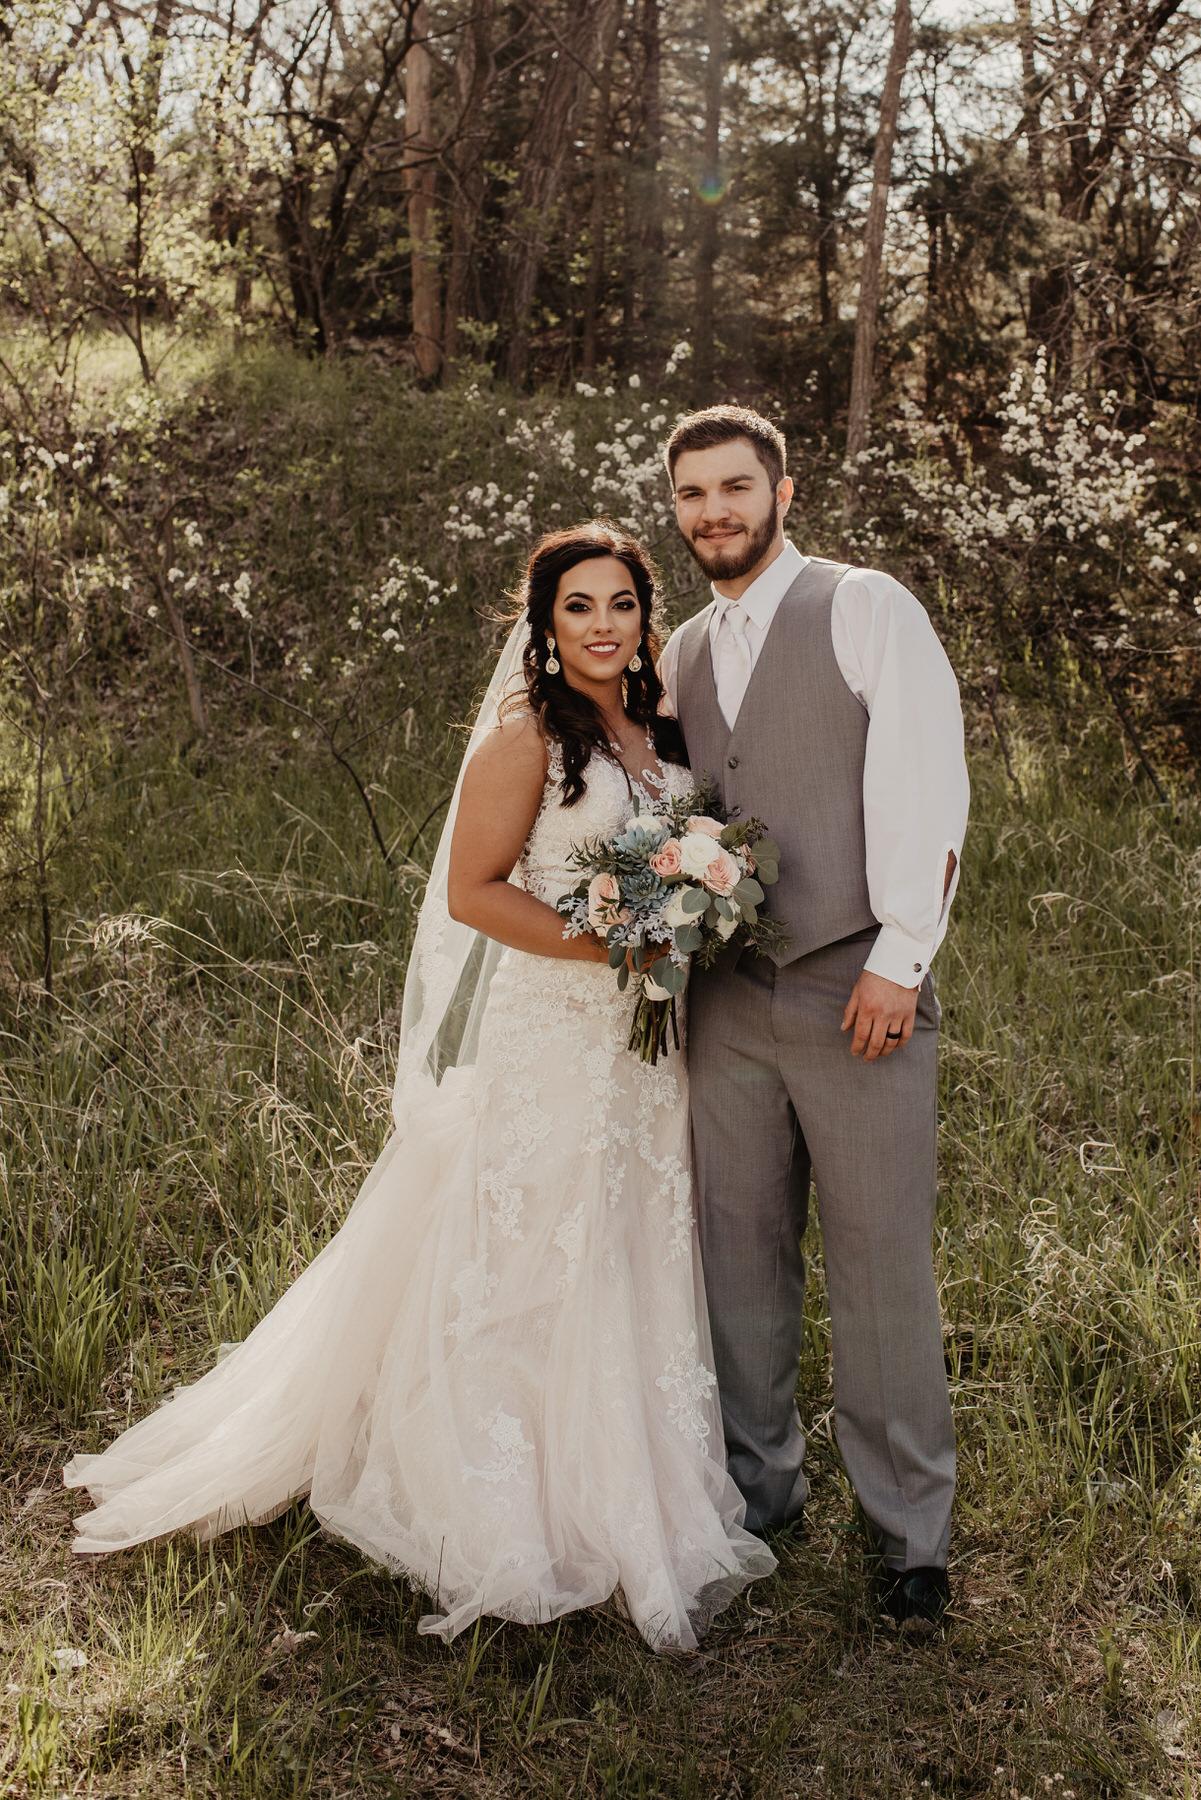 Kaylie-Sirek-Photography-Kearney-Nebraska-Wedding-076.jpg